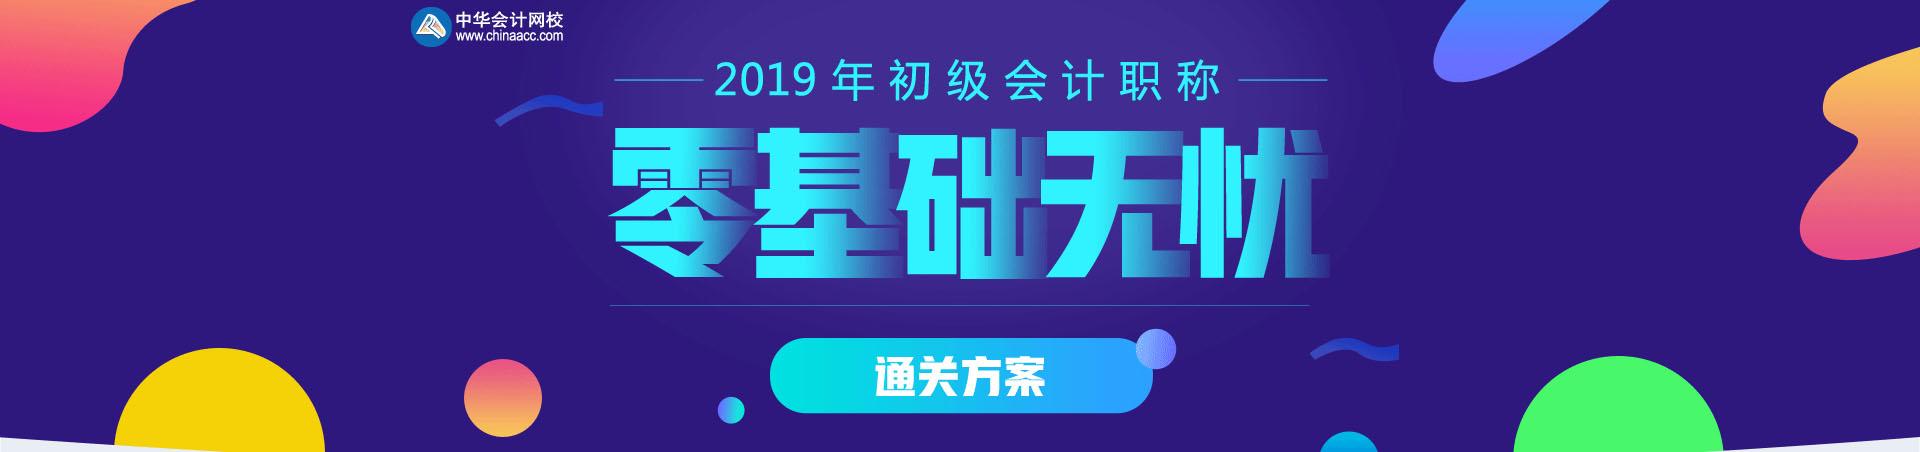 中华会计职称网上培训